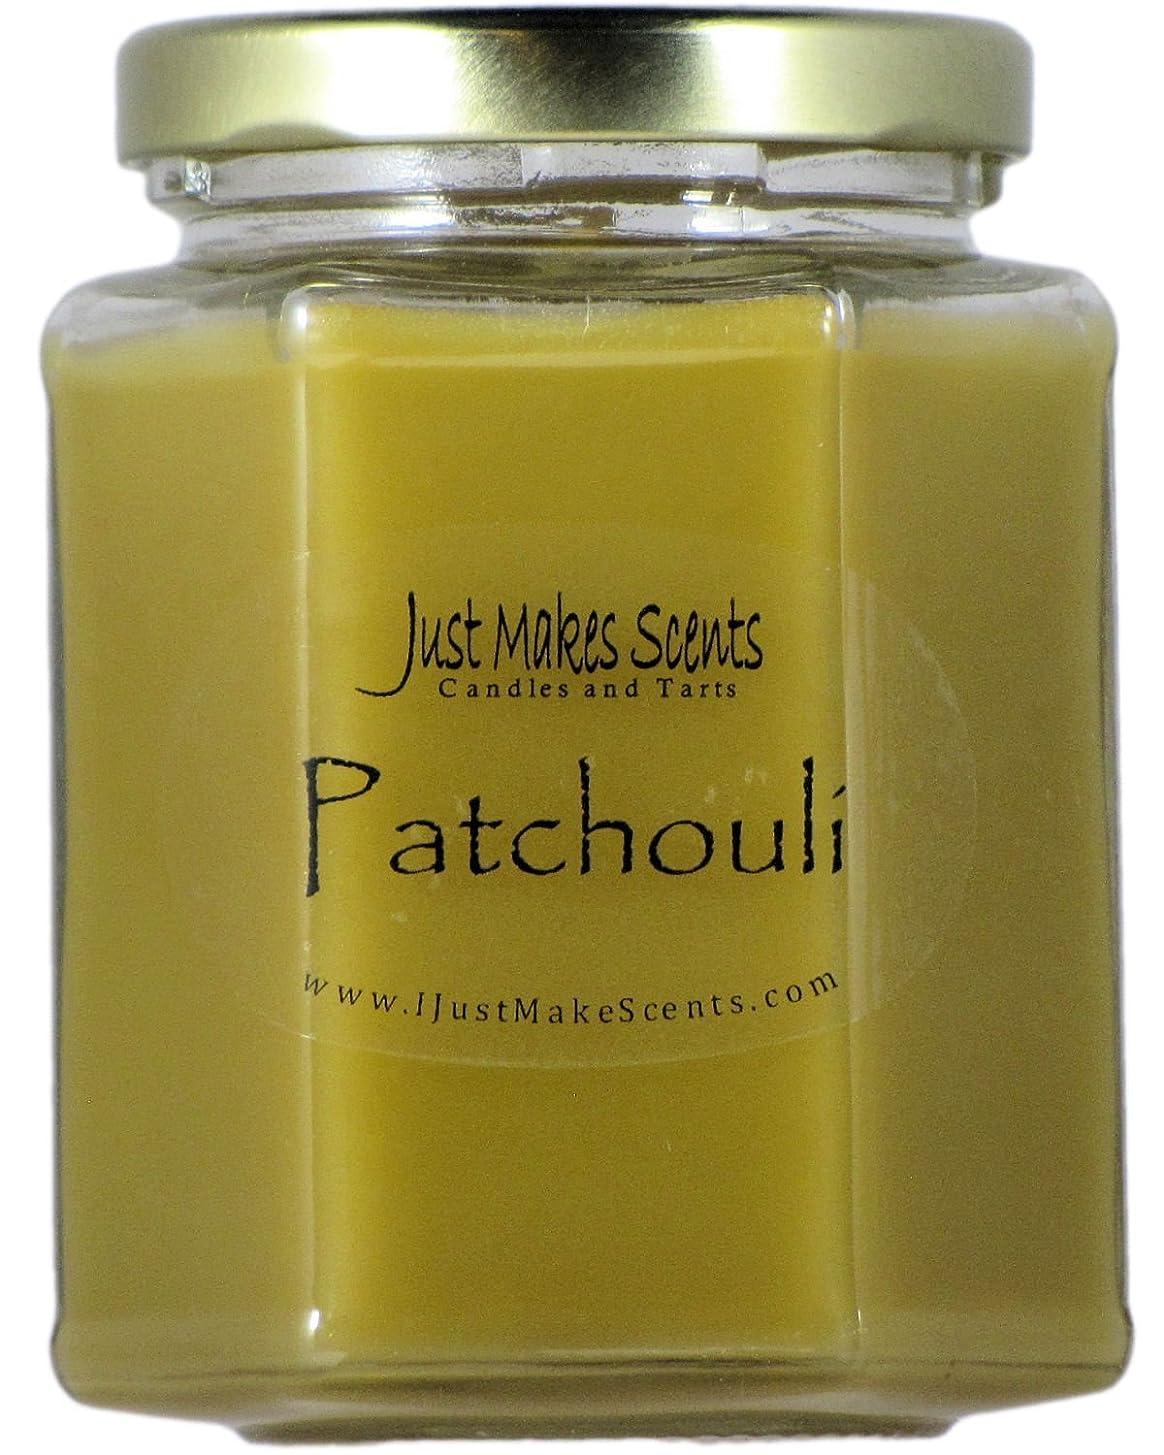 ログ減衰変更可能Patchouli Scented Blended Soy Candle by Just Makes Scents (270ml)